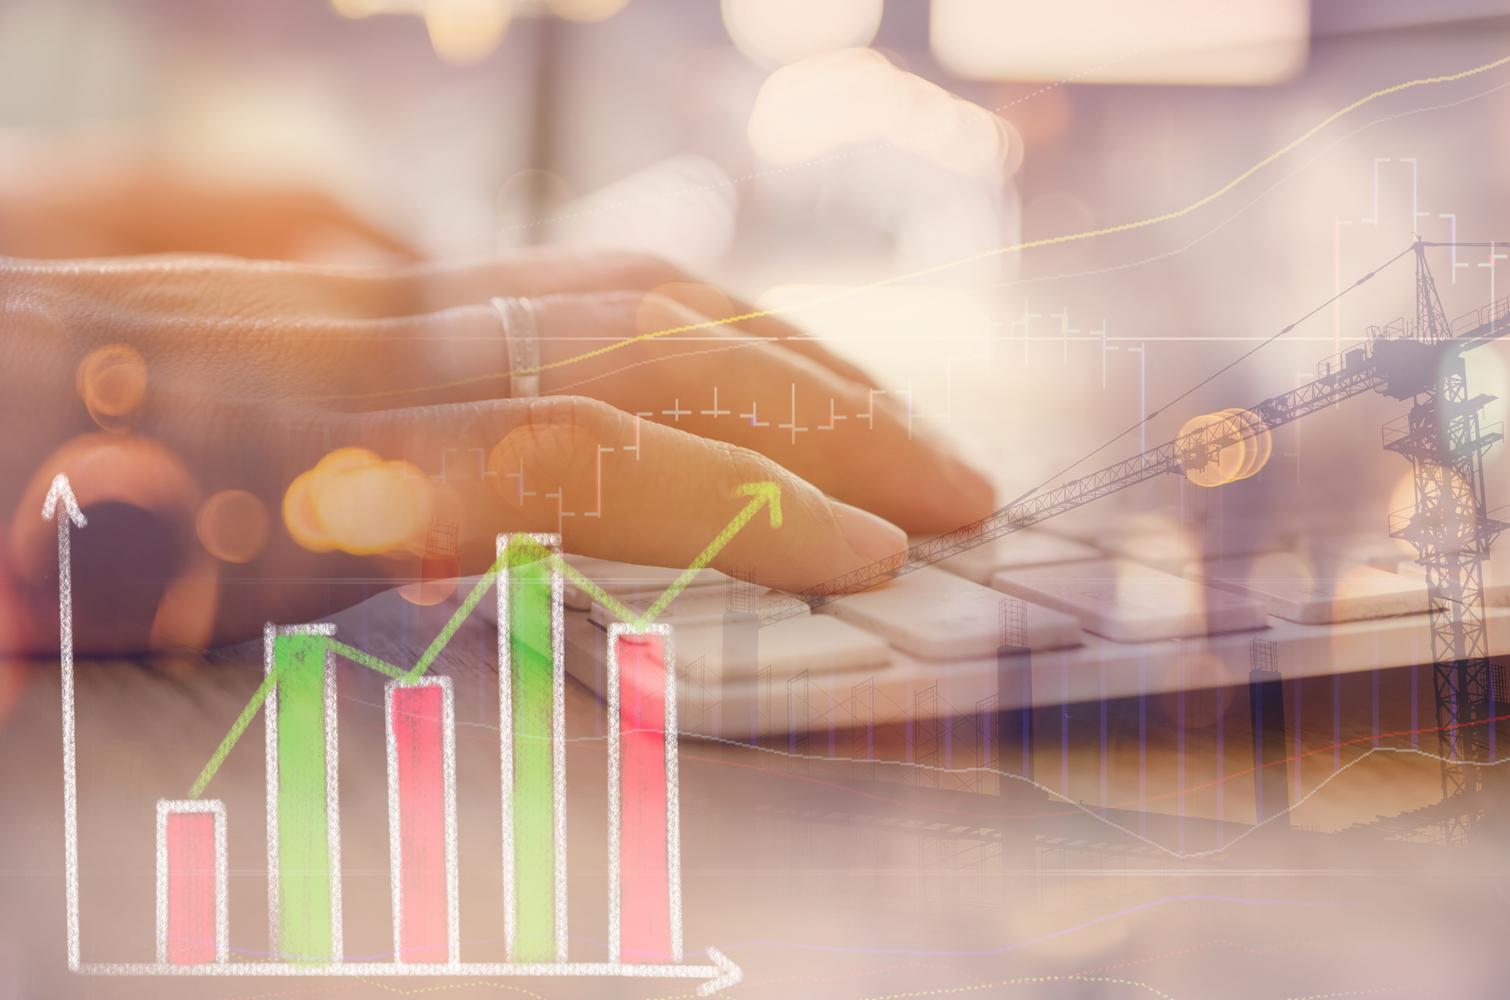 strategie cu adevărat profitabilă pentru opțiunile binare Tranzacționare cu 24 de opțiuni